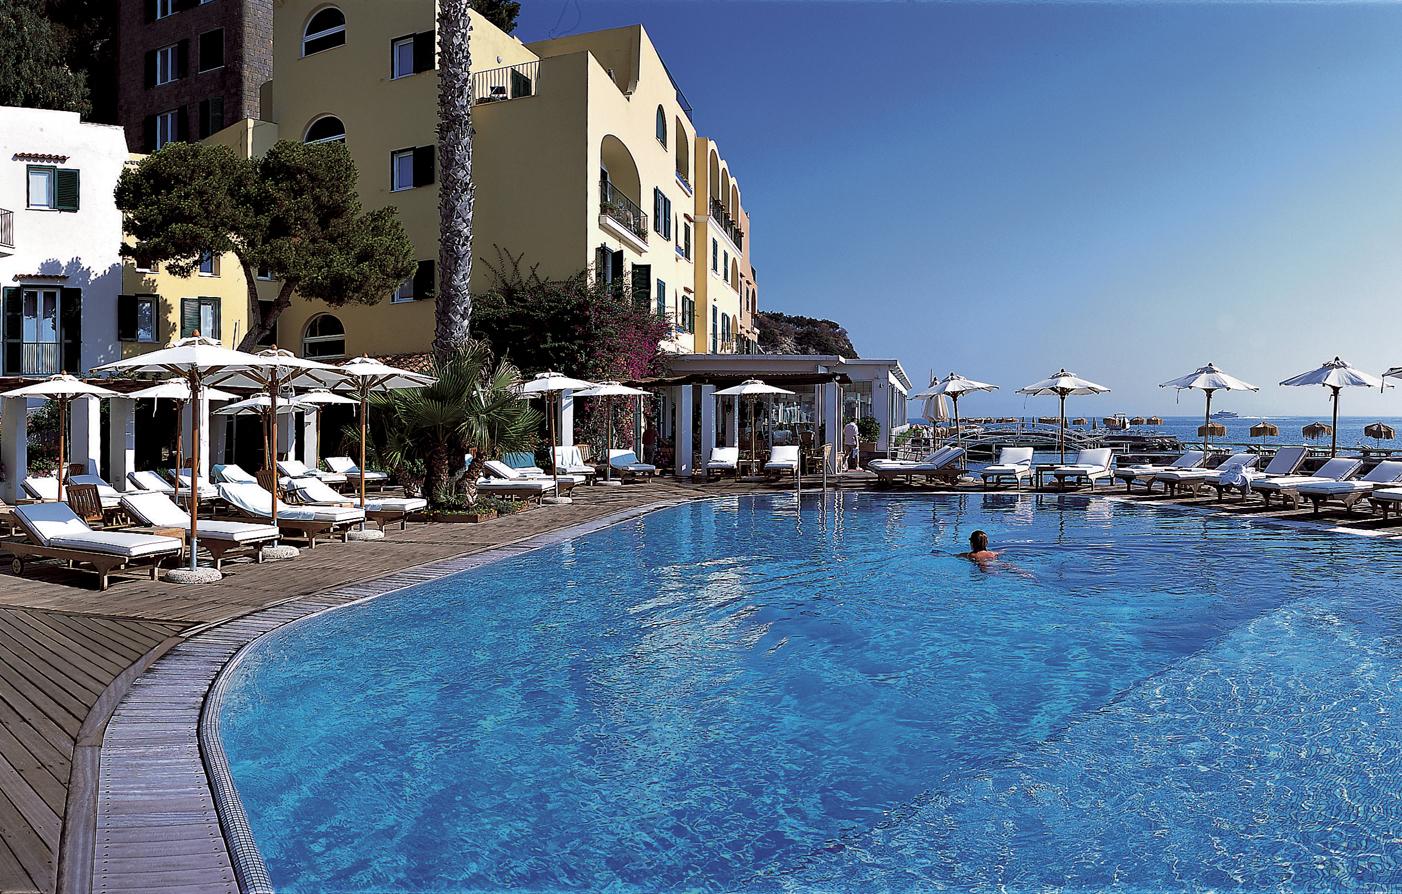 Ischia island attractions l 39 albergo della regina for L hotel della cabina islanda